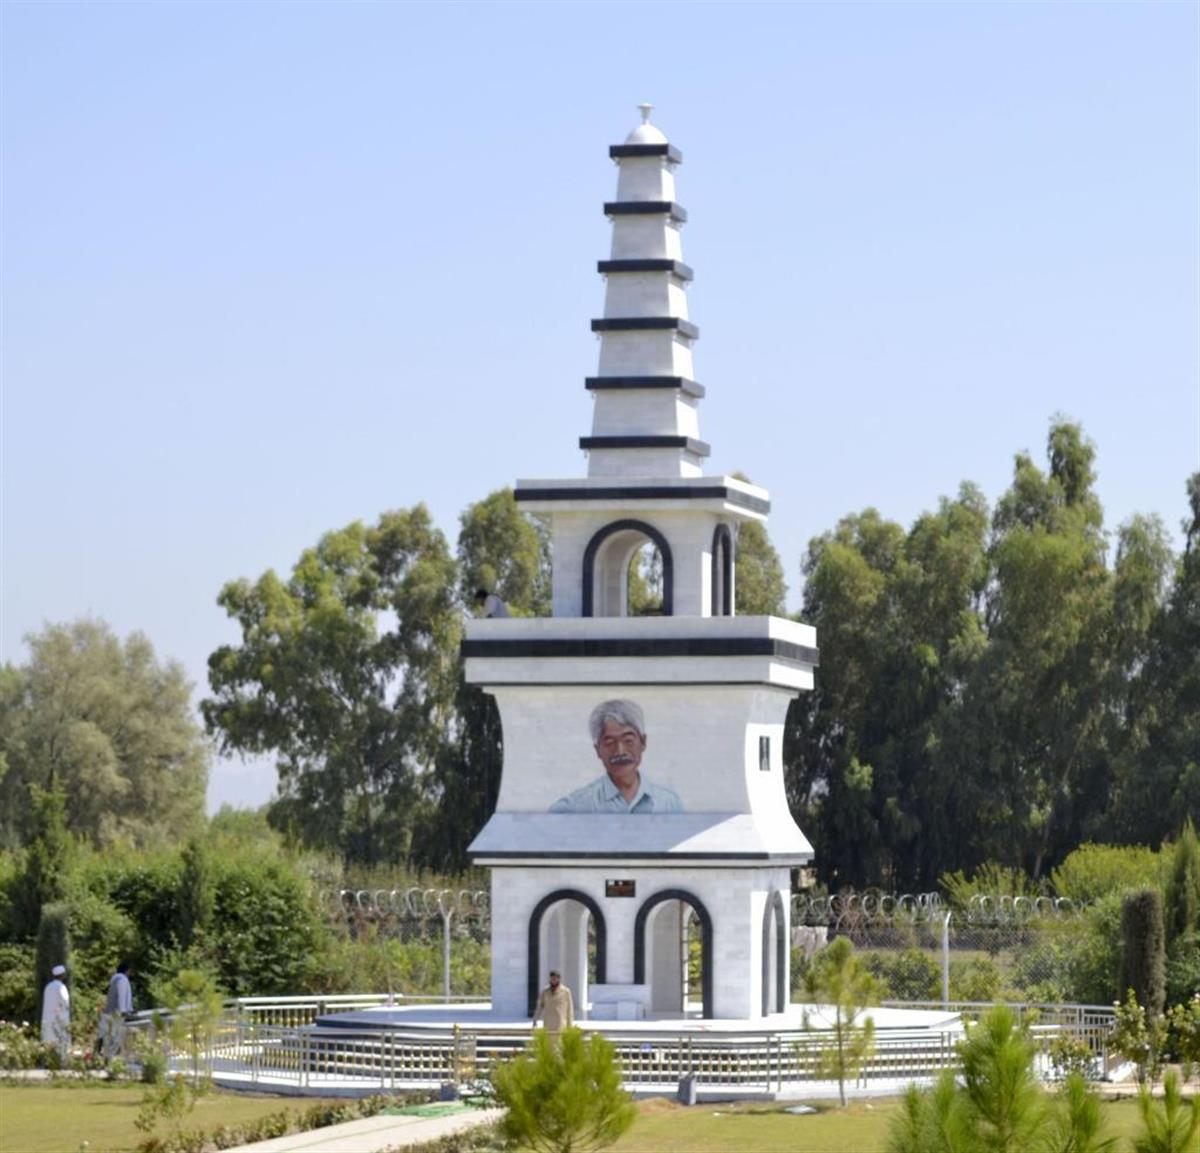 アフガンに中村哲さんの功績たたえる記念塔完成